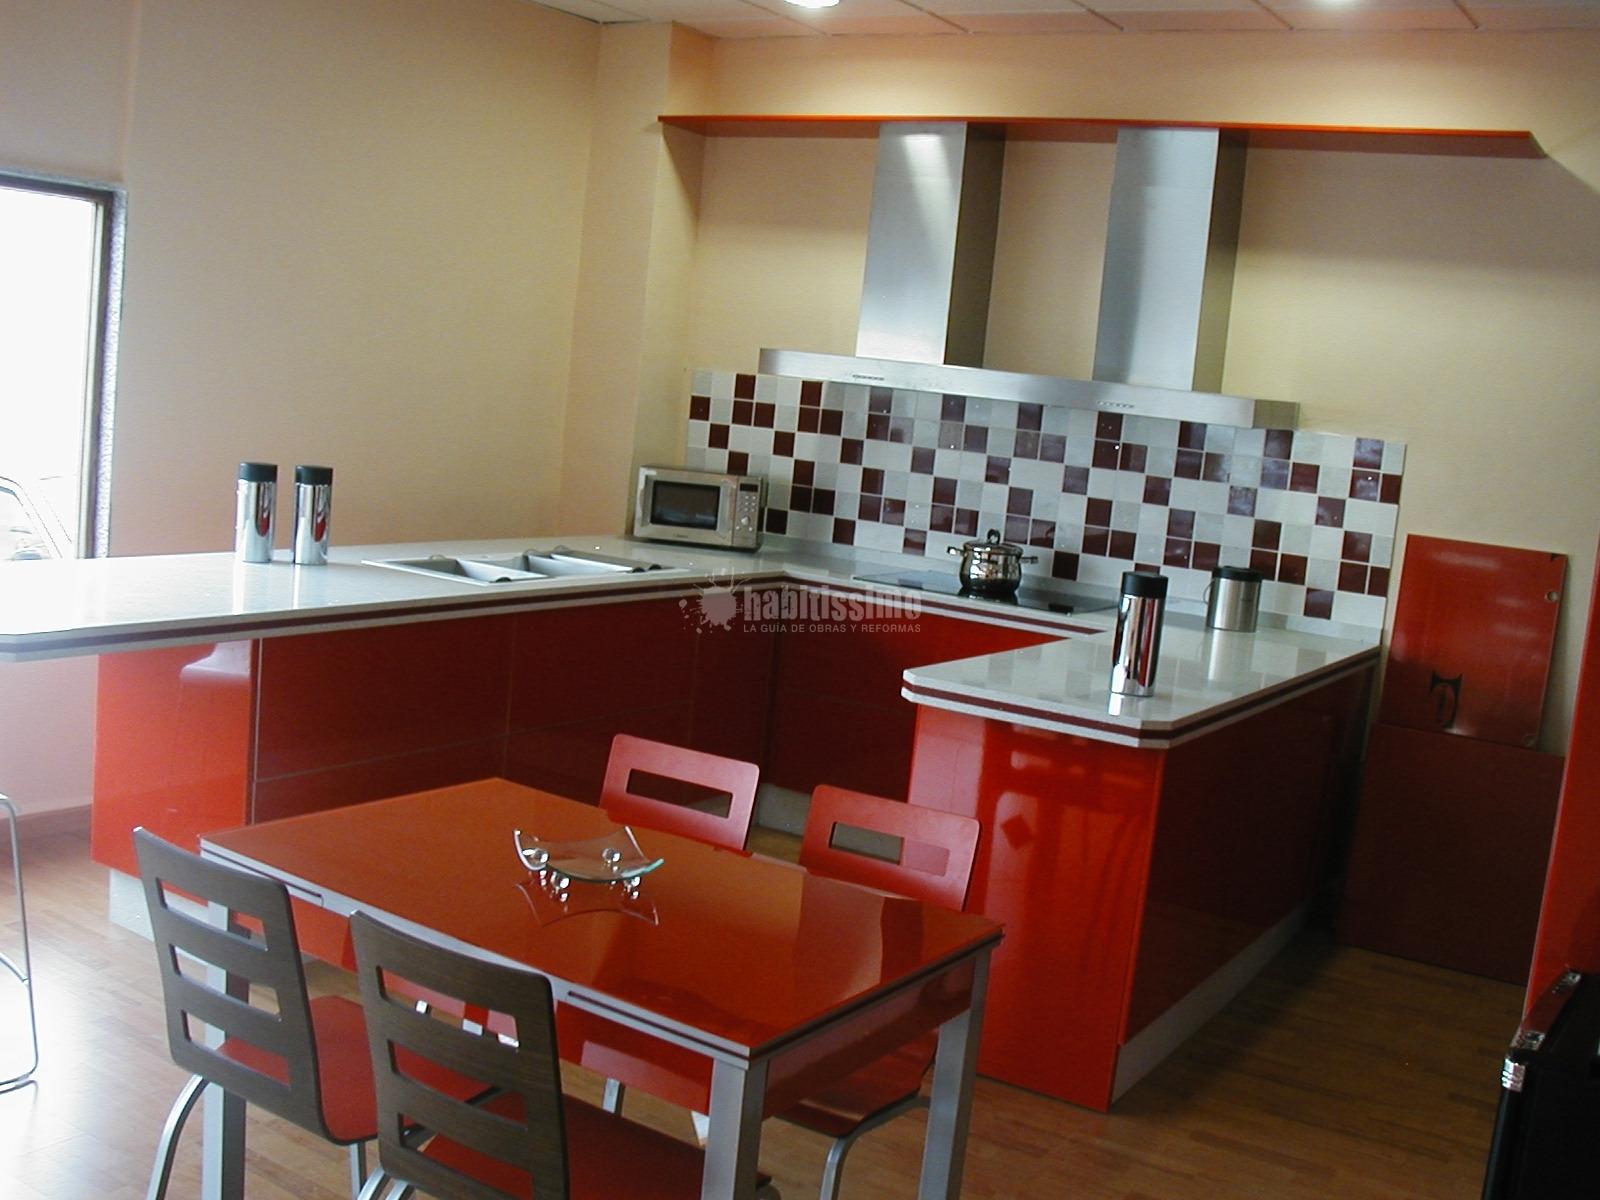 Muebles de cocina ideas muebles - Muebles de cocina albacete ...